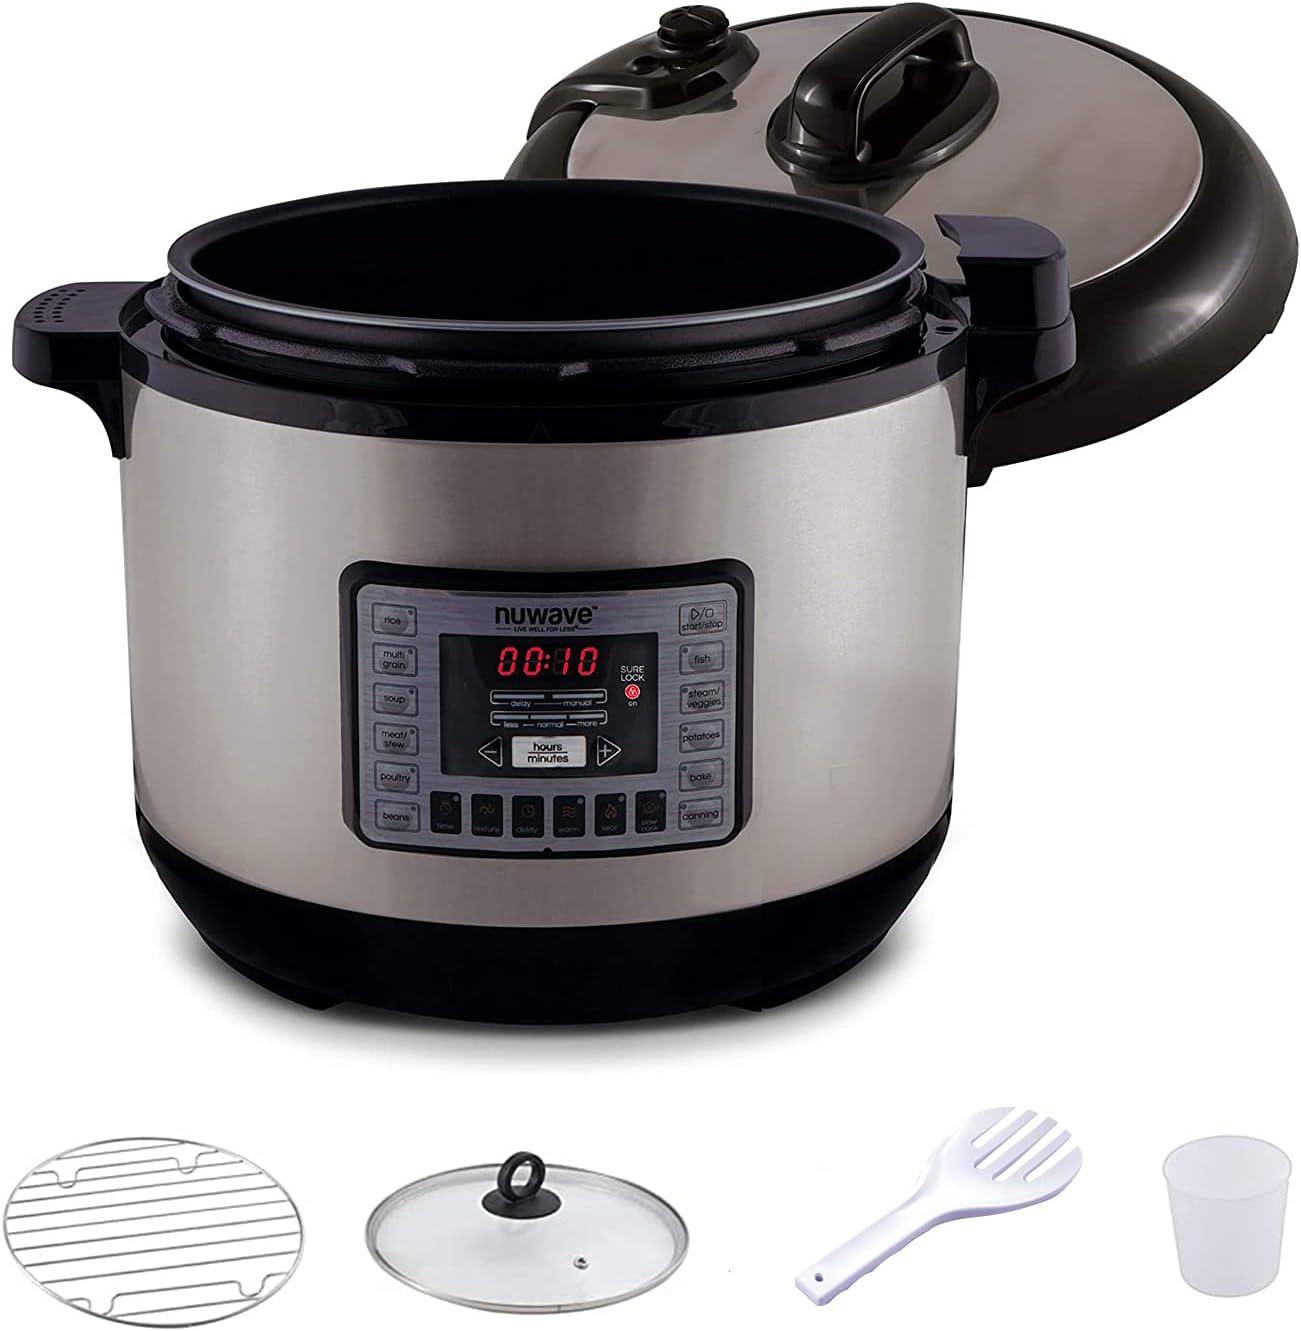 Nuwave Nutri-Pot Pressure Cooker 13-Quart